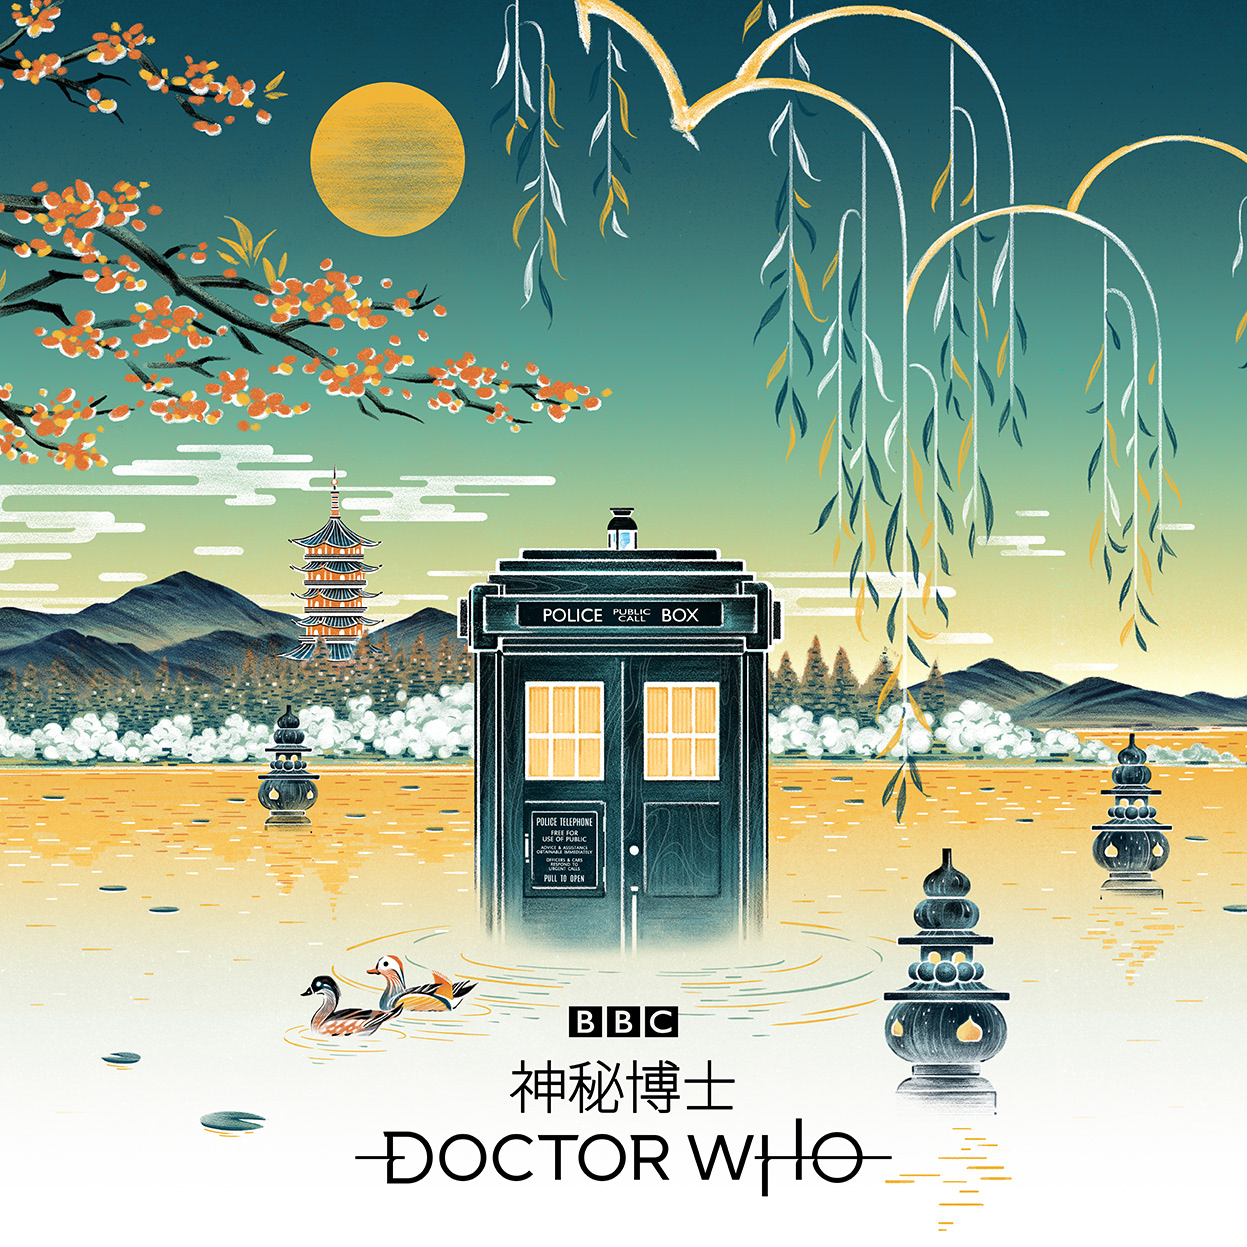 feifei-ruan-dr-who-02 Il TARDIS della serie Doctor Who si fa un viaggio in cina!